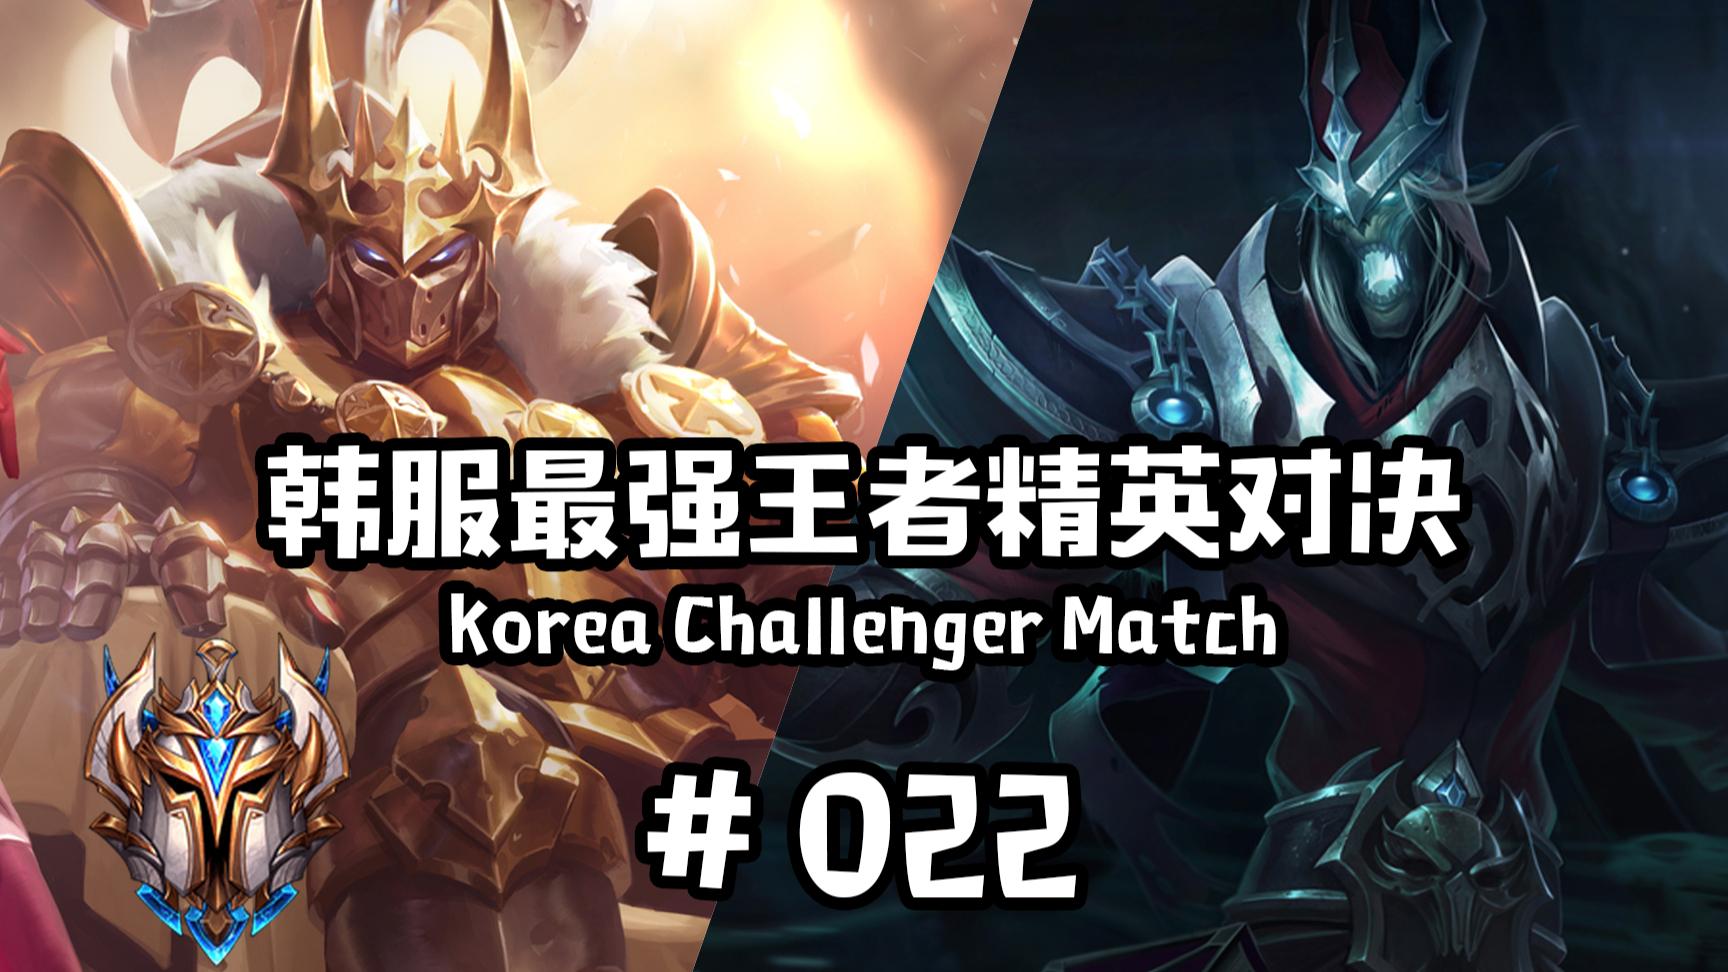 韩服最强王者精英对决 #022 | 本以为是青铜,谁知却是王者